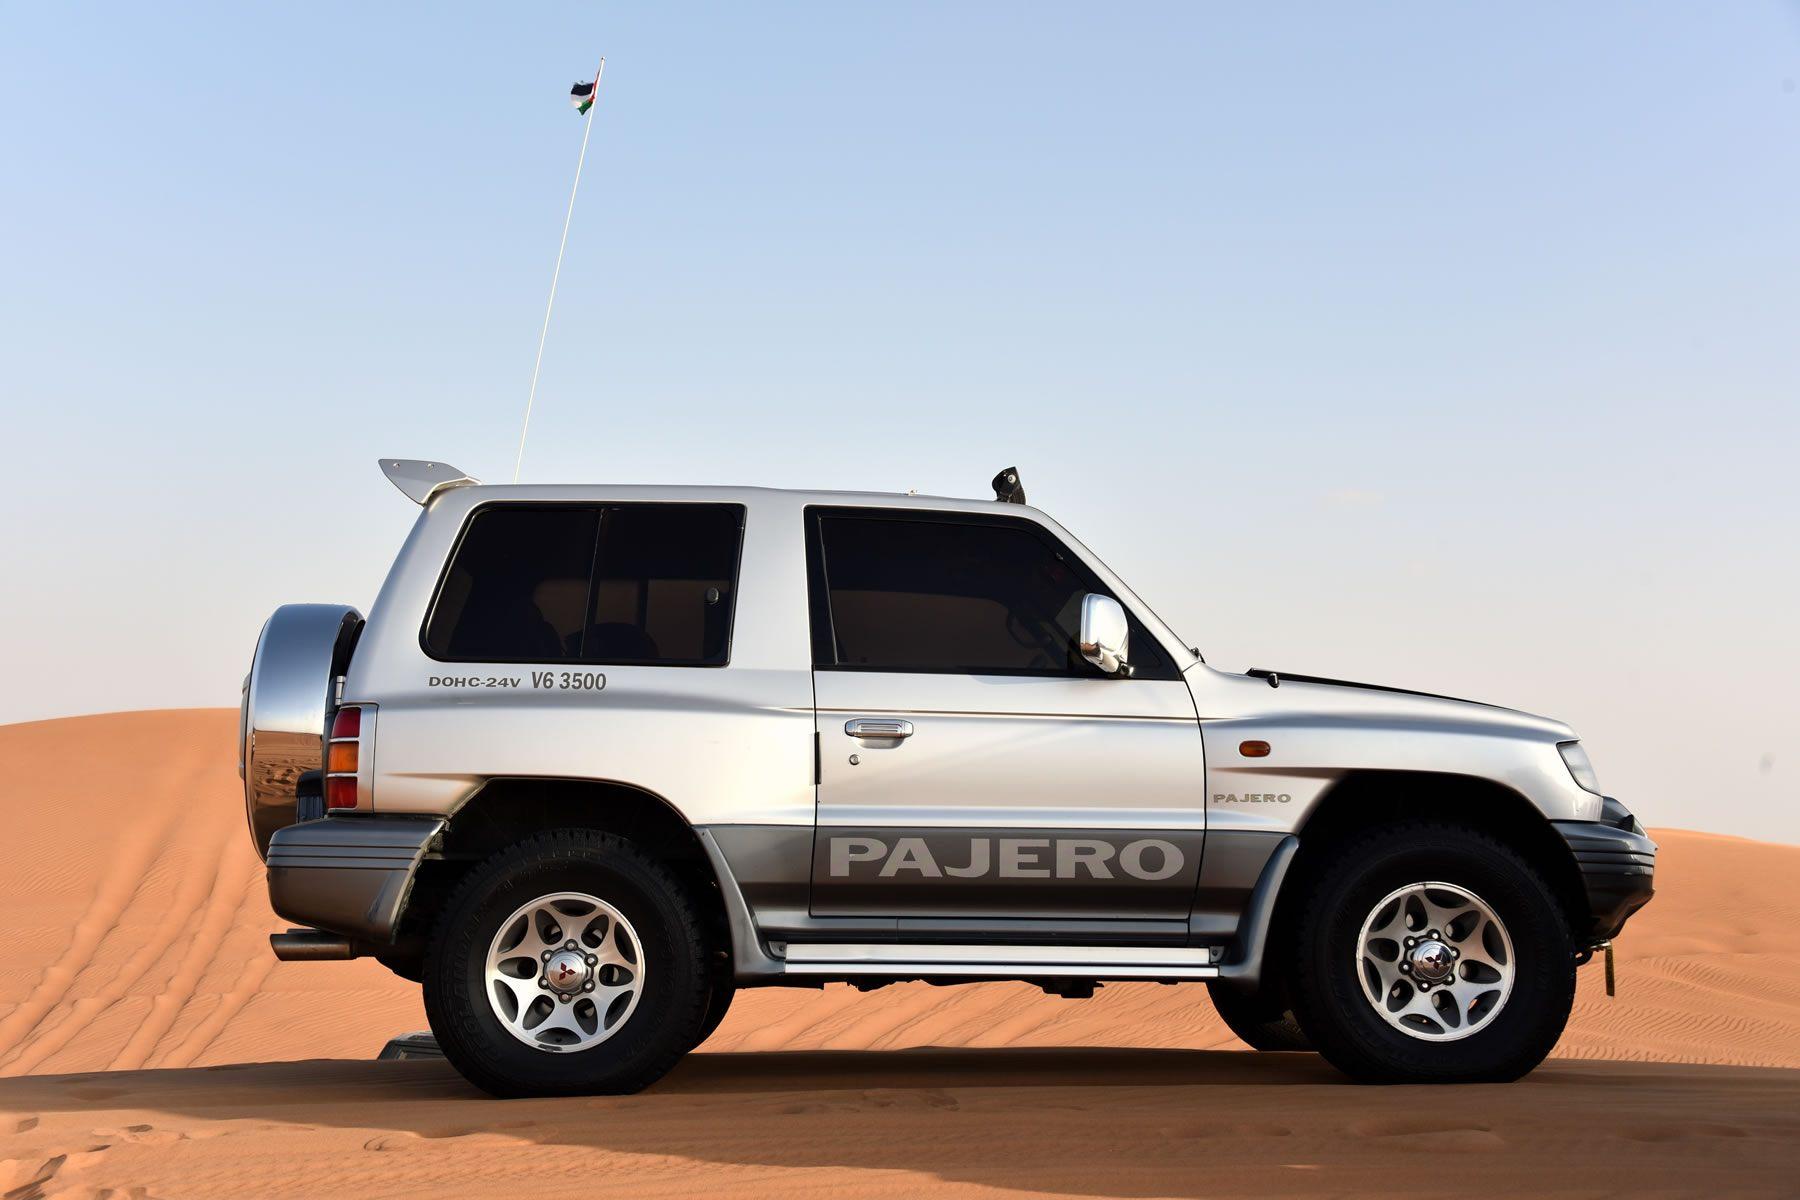 Pajero UAE